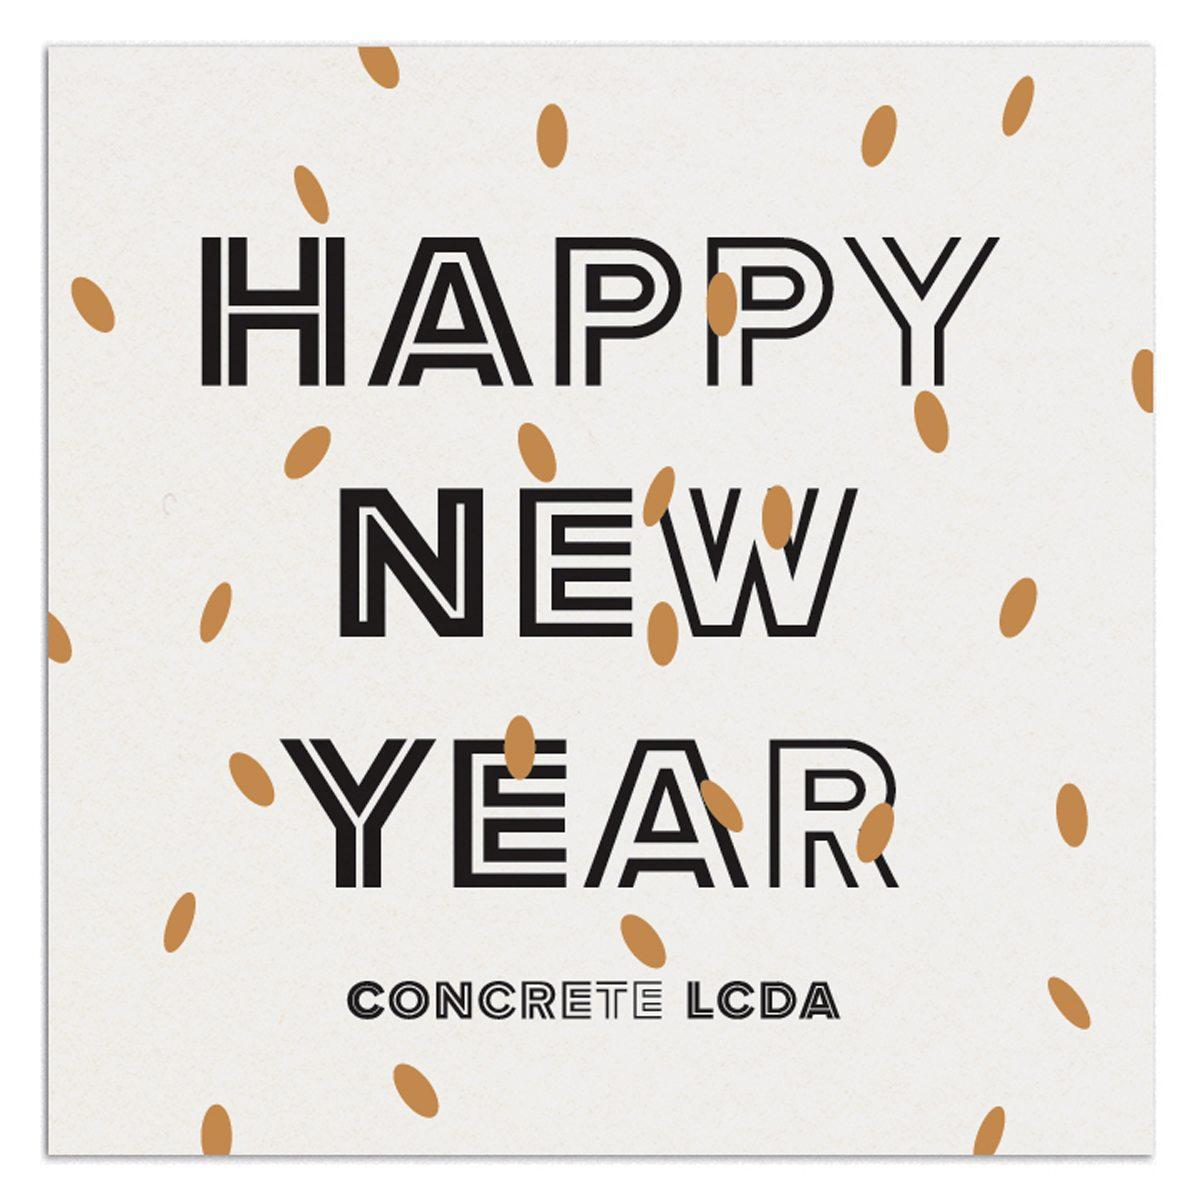 Carte de voeux 2015 de l'entreprise de béton moderne Concrete LCDA par Ich&Kar. Lettrage dont la typographie s'affine lettre à lettre dans le sens de la lecture.